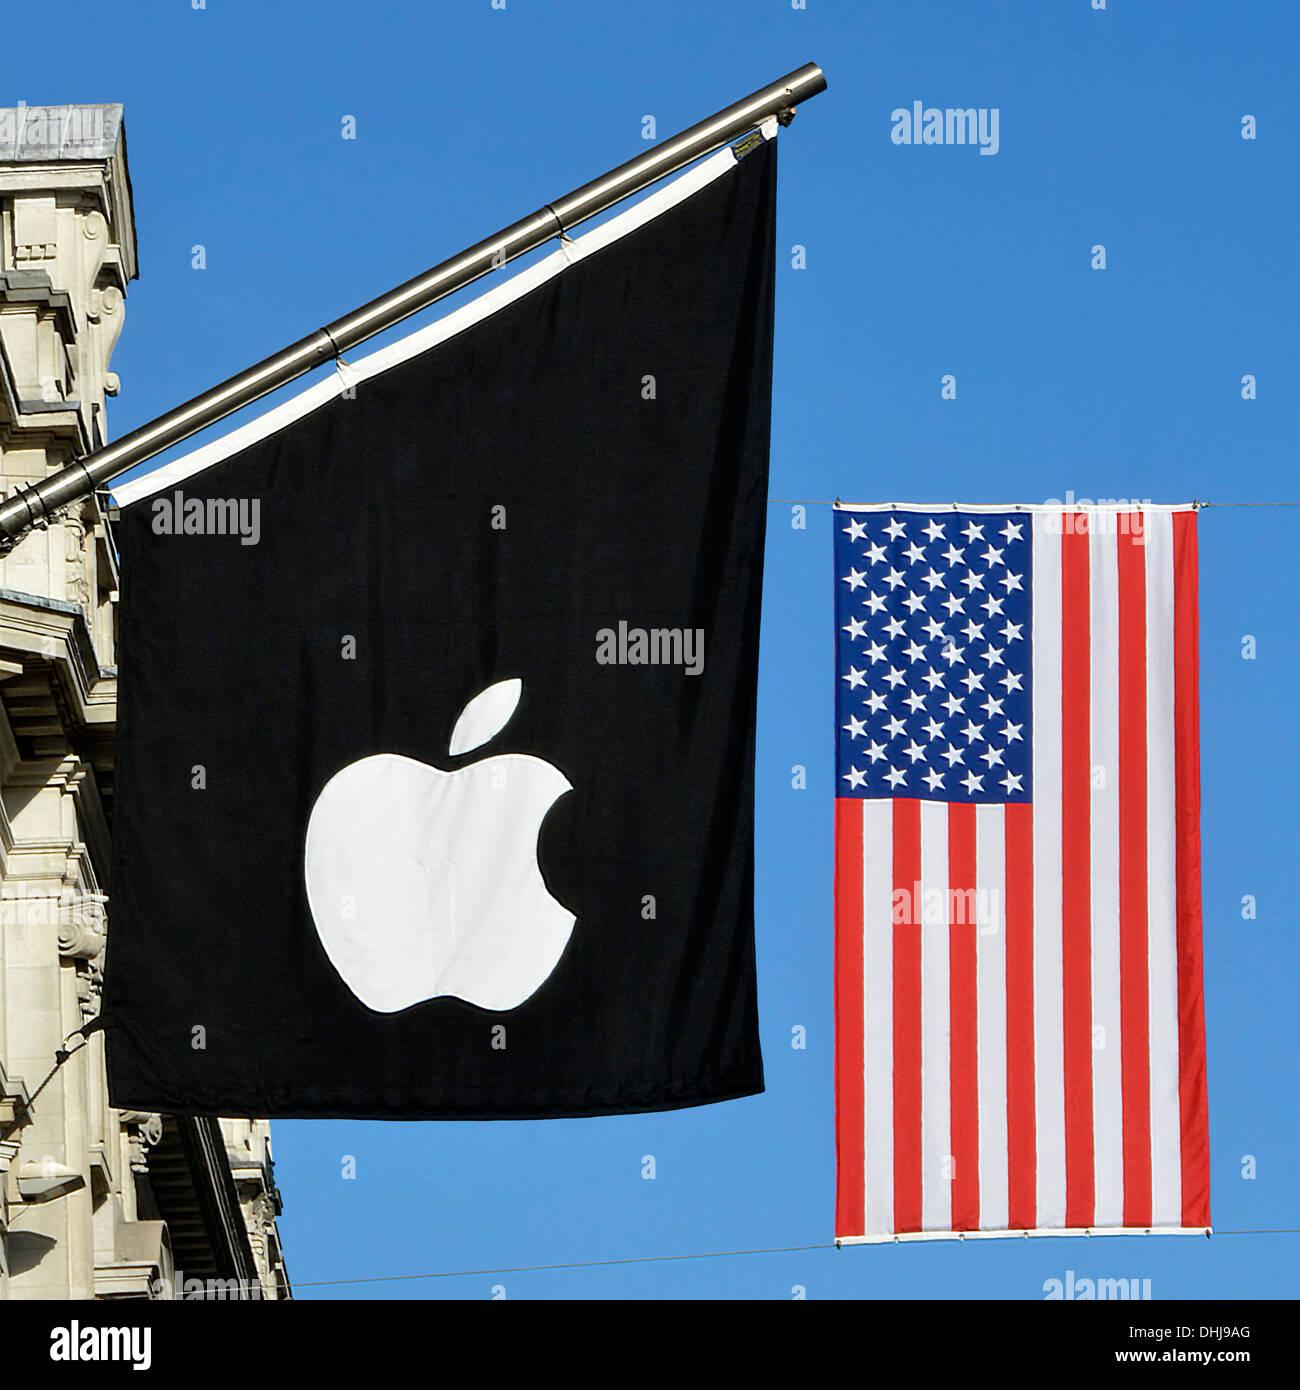 Apple Store Fahnenmast mit Sternen und Streifen Fahne aufgehängt an ...